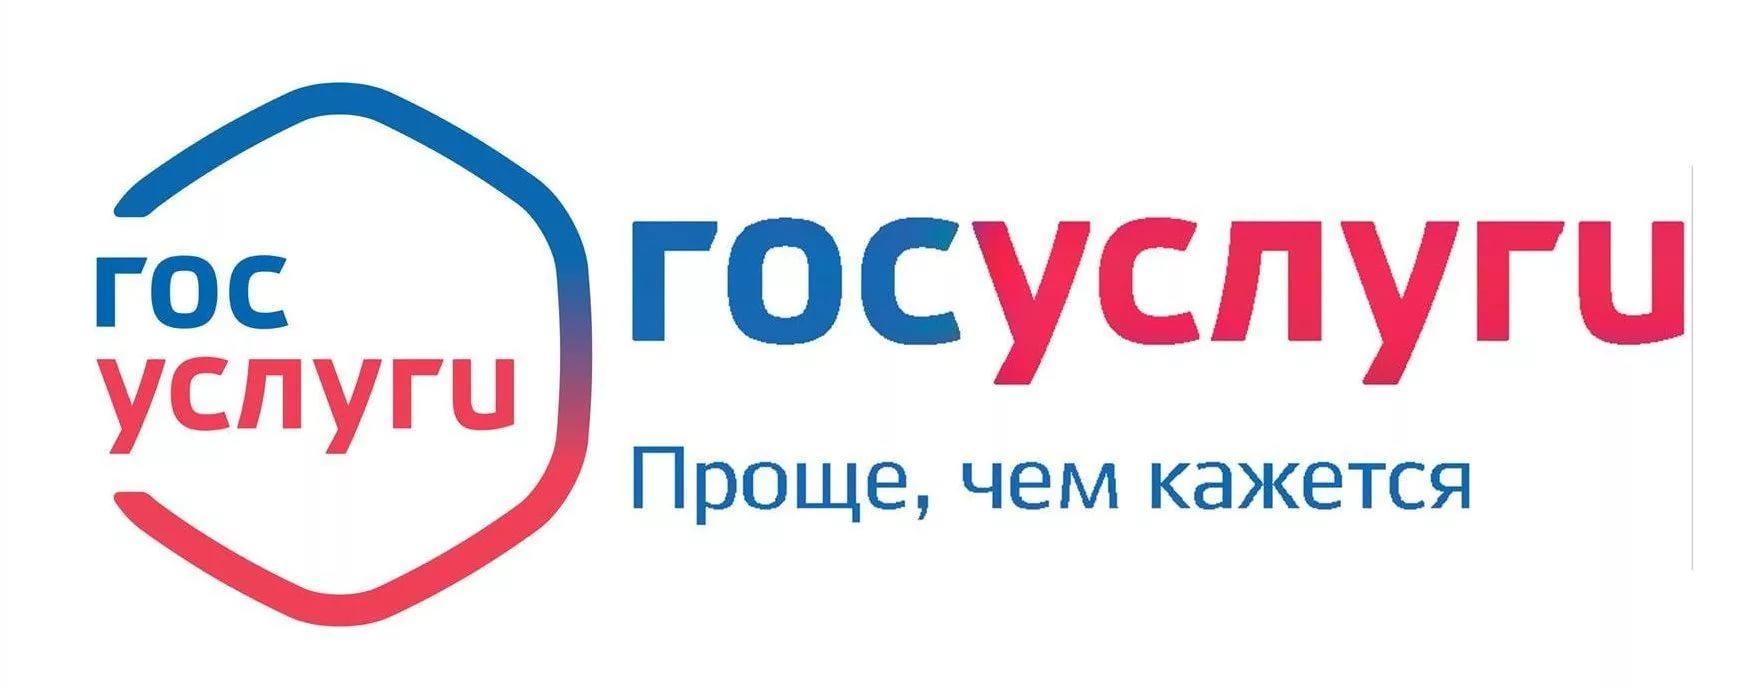 kreditnaya-istoriya-gosuslugi_7